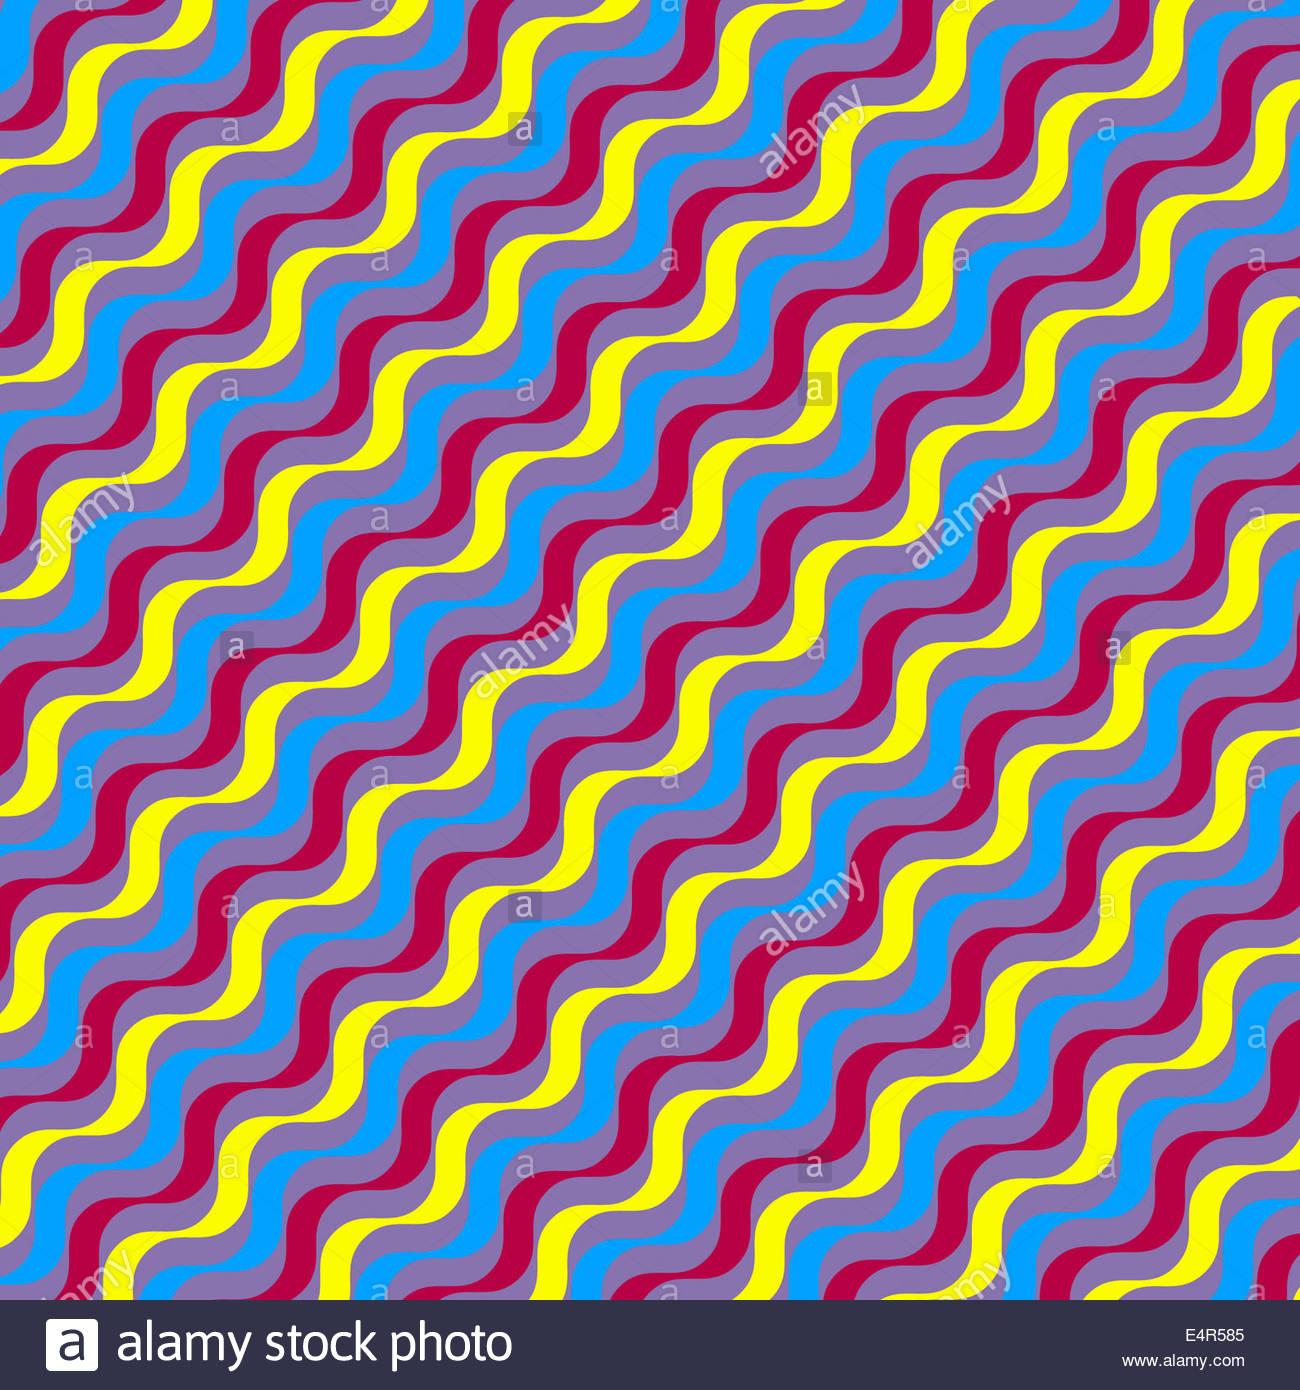 Resumen Antecedentes El patrón de repetición de líneas onduladas Imagen De Stock